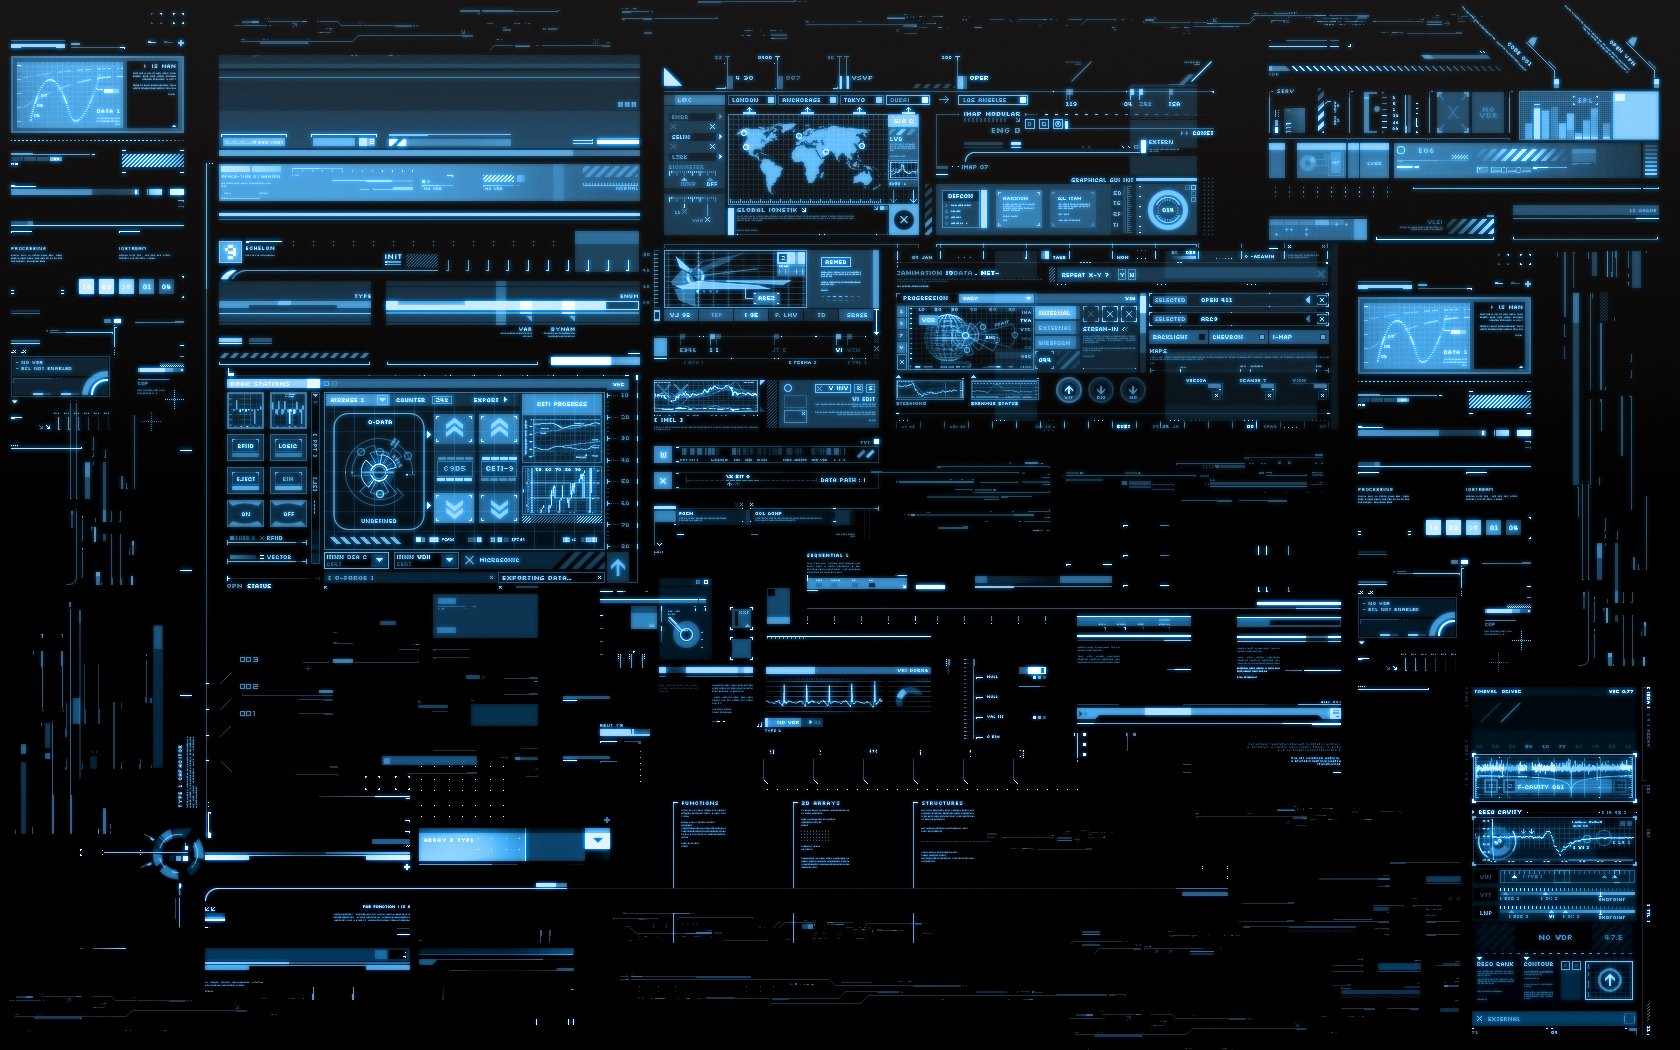 Hd wallpaper technology - Hd Desktop Technology Wallpaper Backgrounds For Download